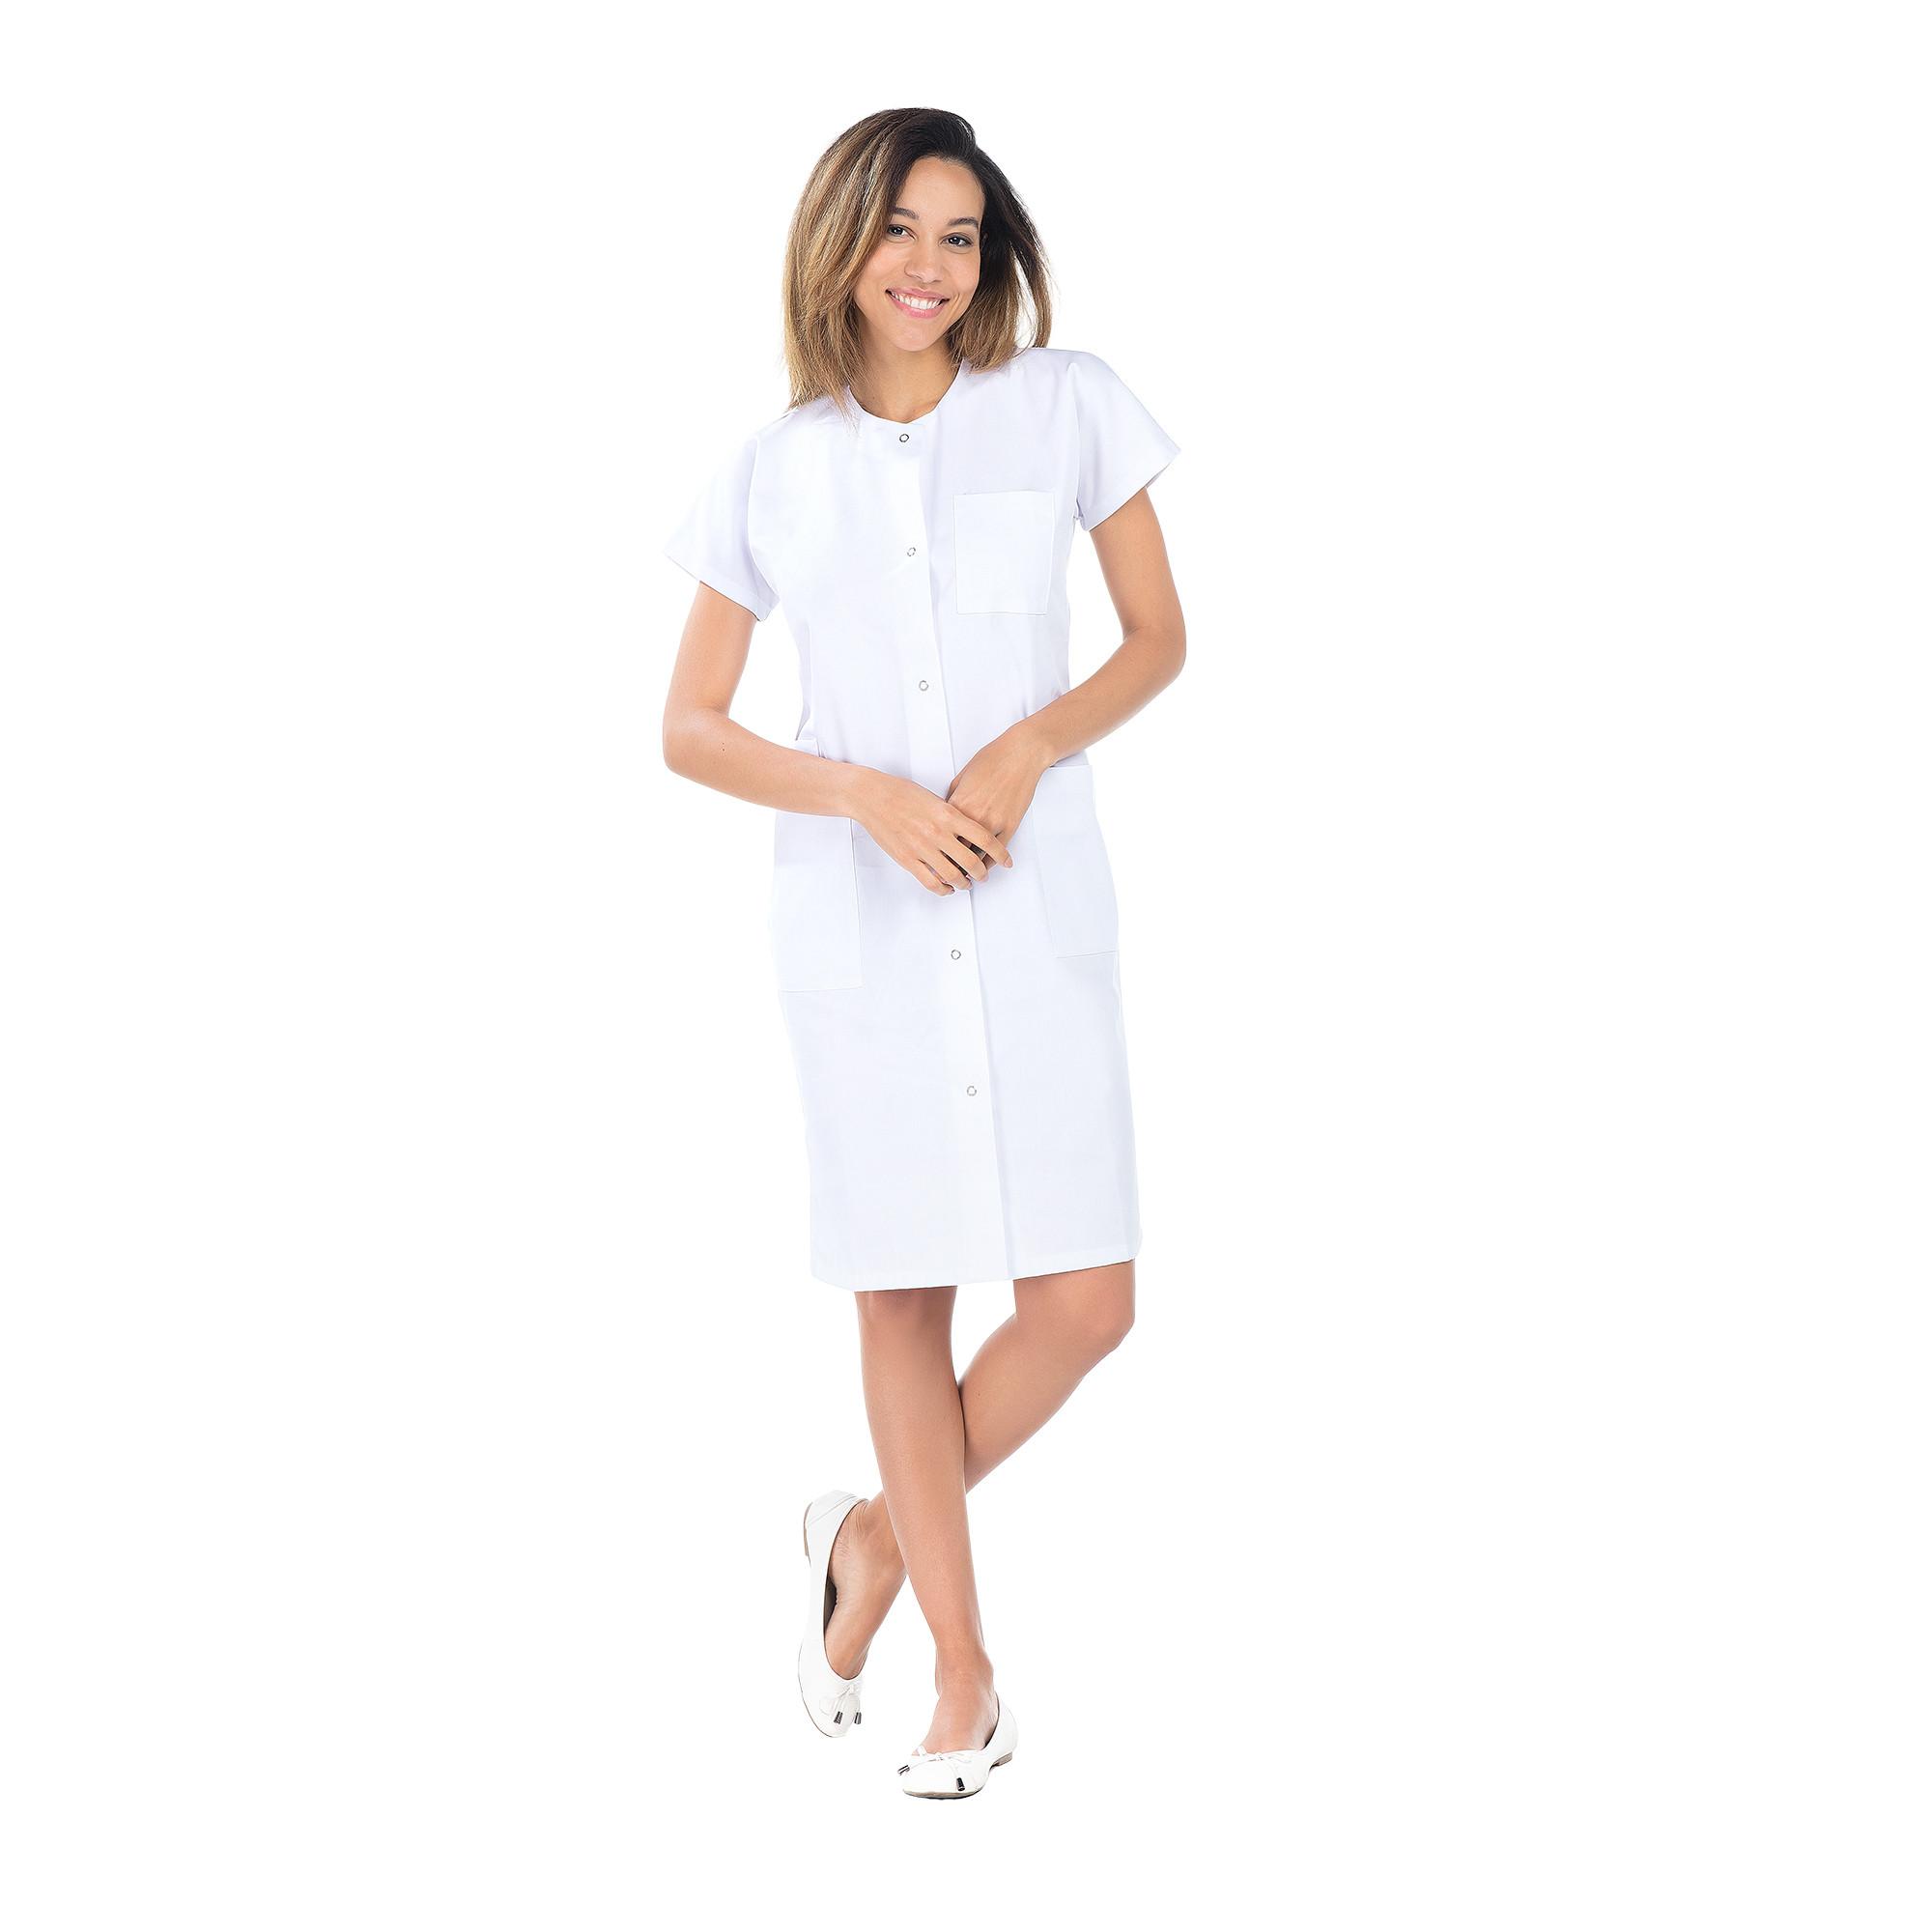 BCI-Catherine - Blouse longue - Manches courtes - Femme - 105 cm